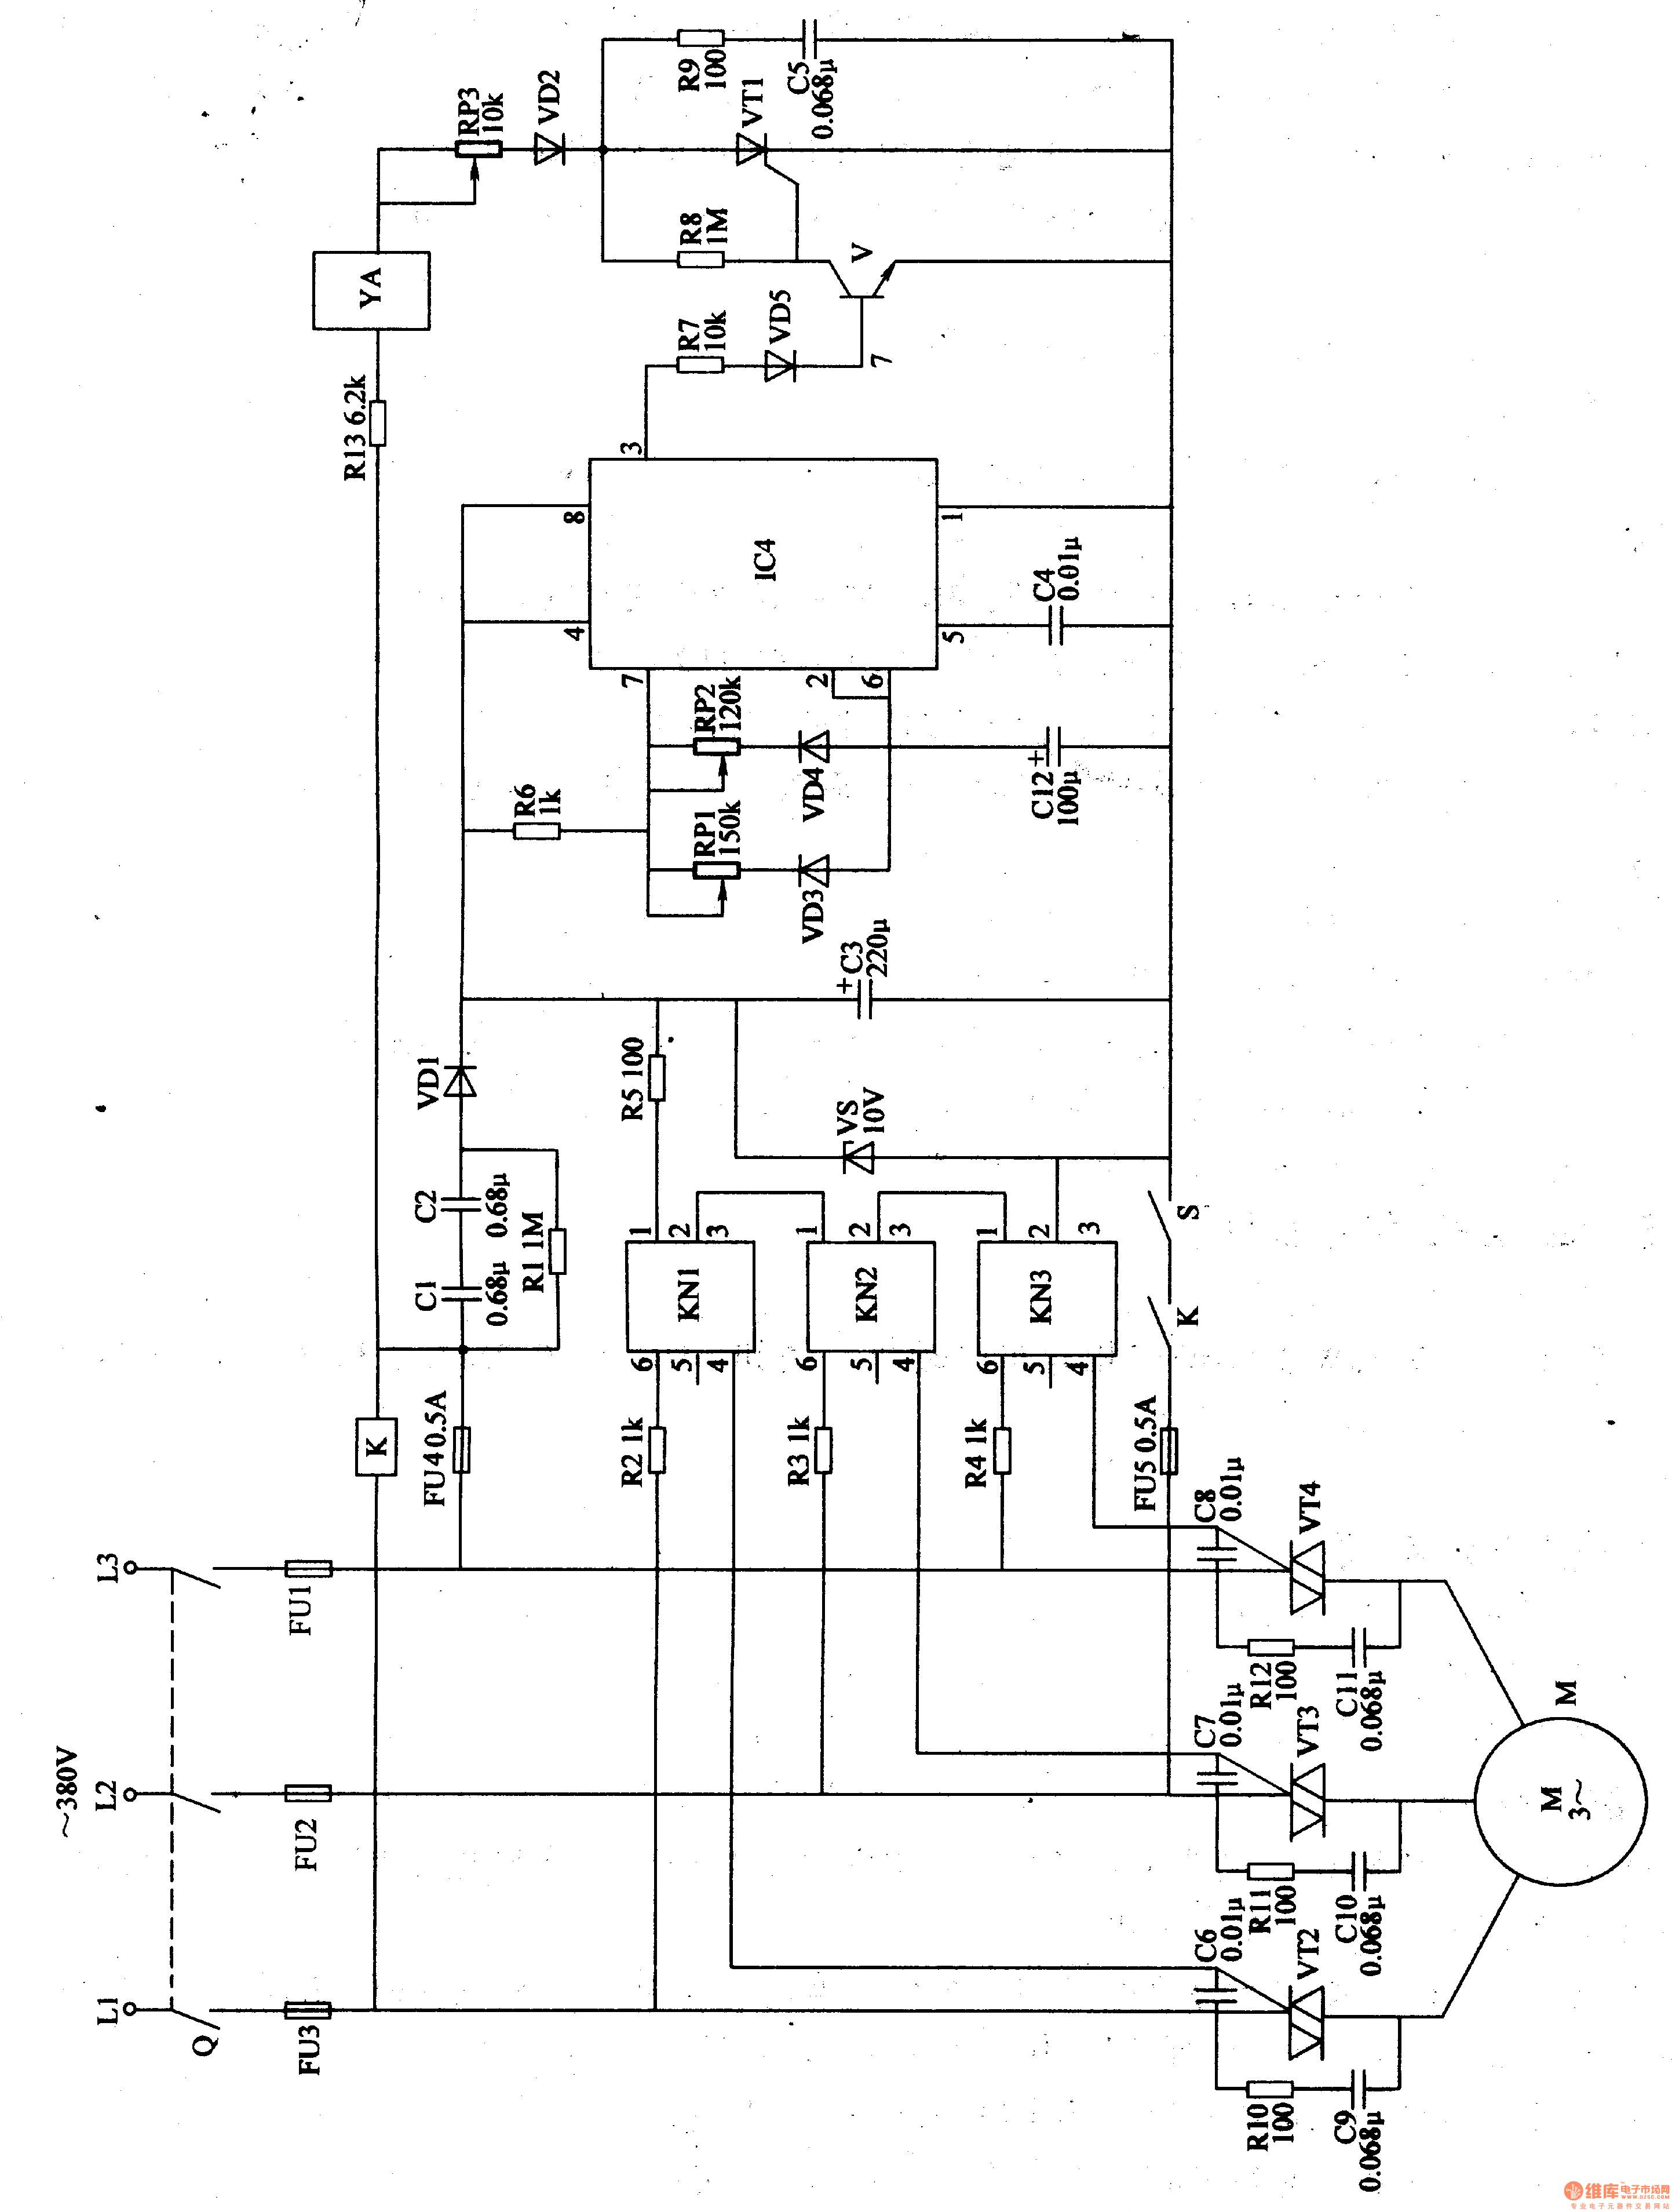 该自动投料控制器电路由电源电路